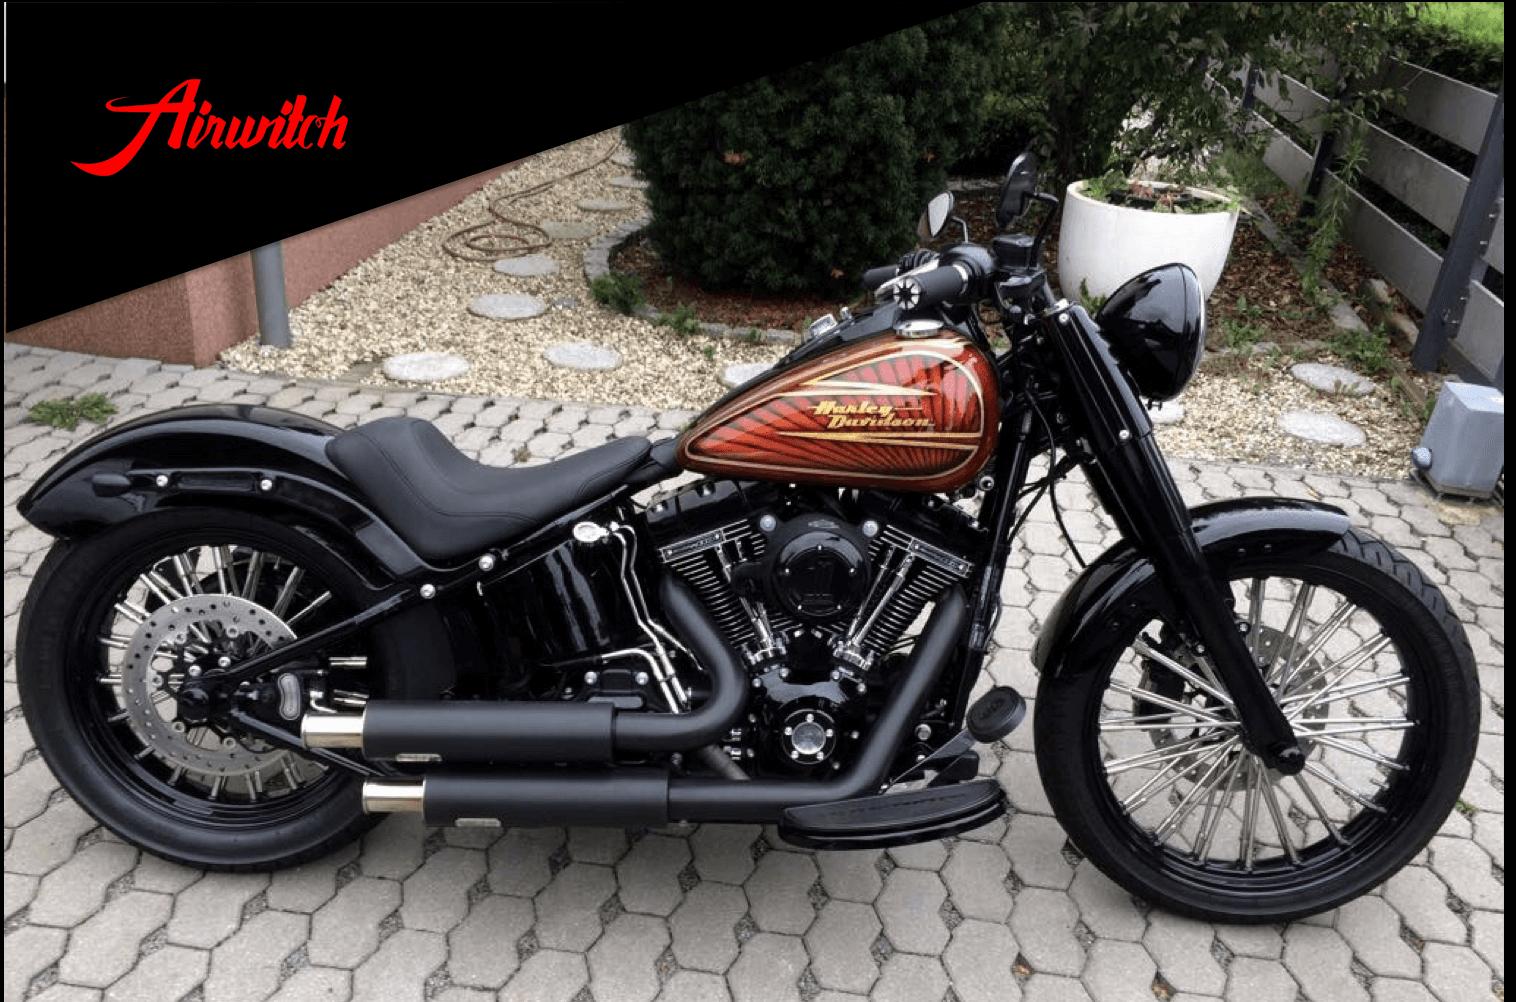 Custom Paint Metalflakes Tank Harley Davidson mit Blattgold und Candy braun